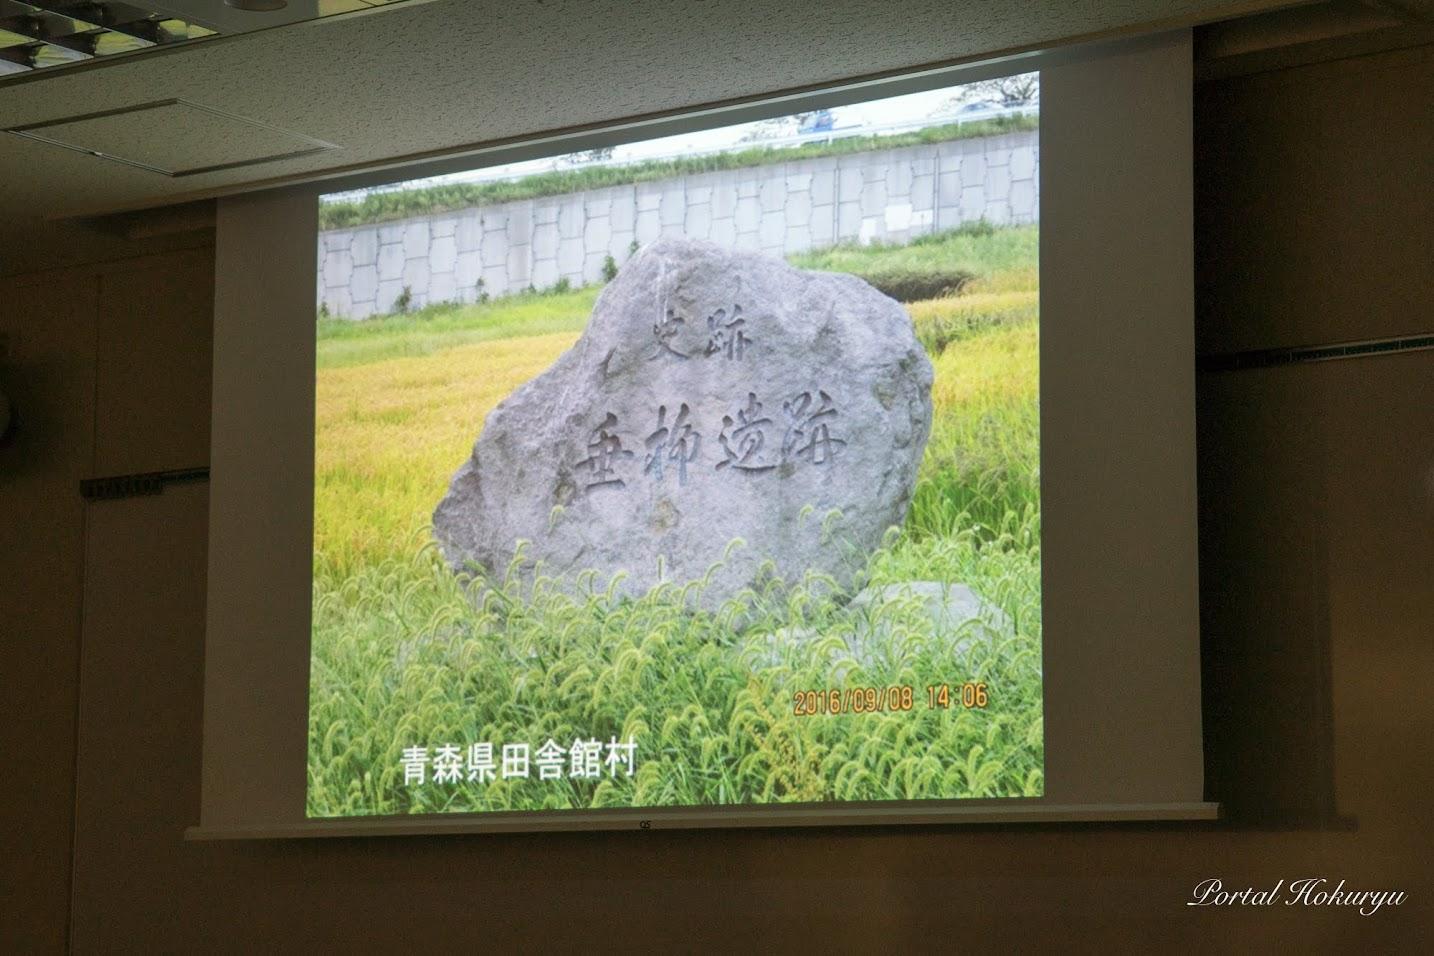 垂柳遺跡(たれやなぎいせき):青森県南津軽郡田舎館村にある弥生時代中期の遺跡